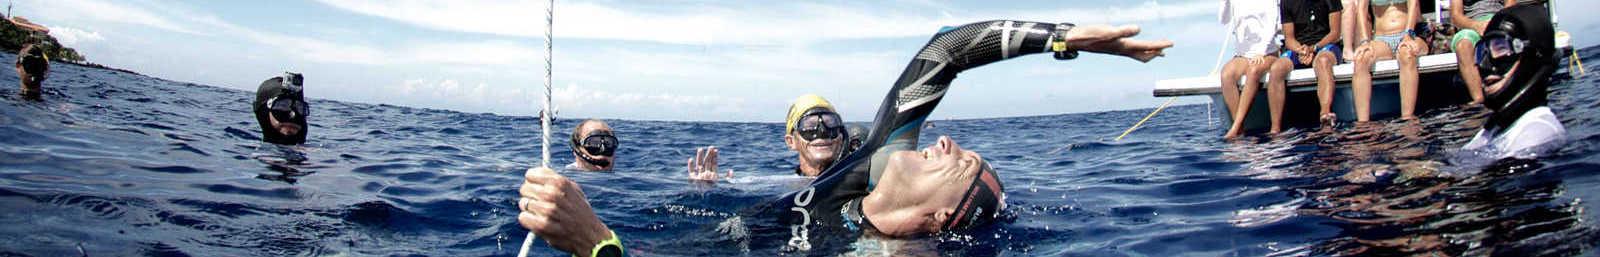 BlueShark蓝鲨 banner